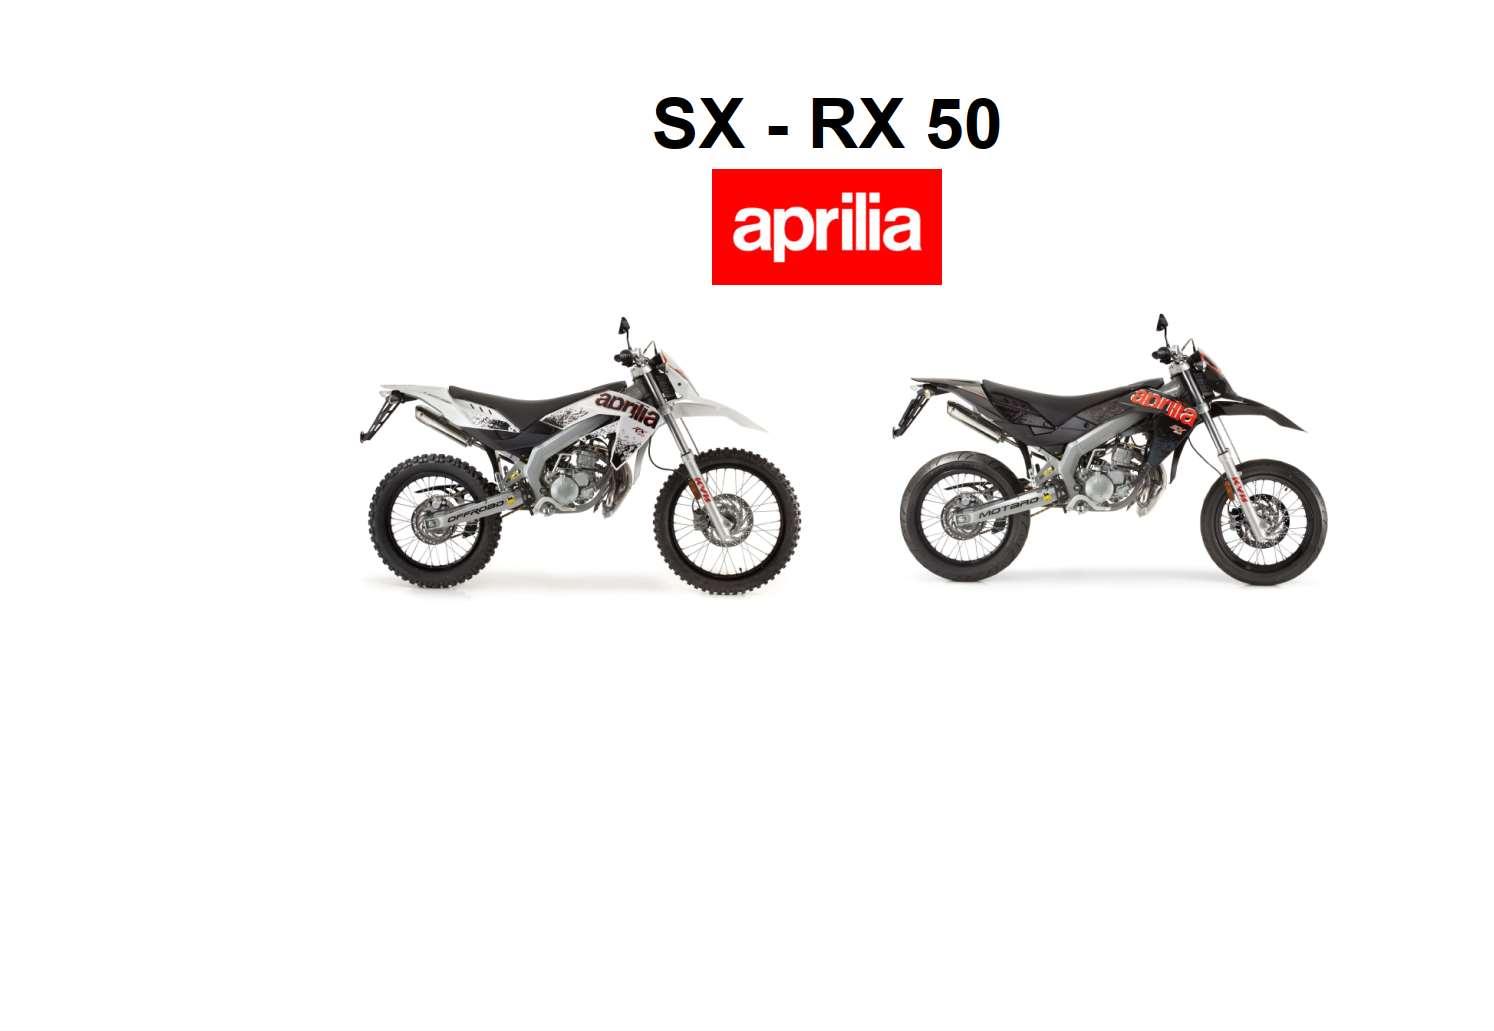 Aprilia SX-RX 50 2011 Owner's Manual